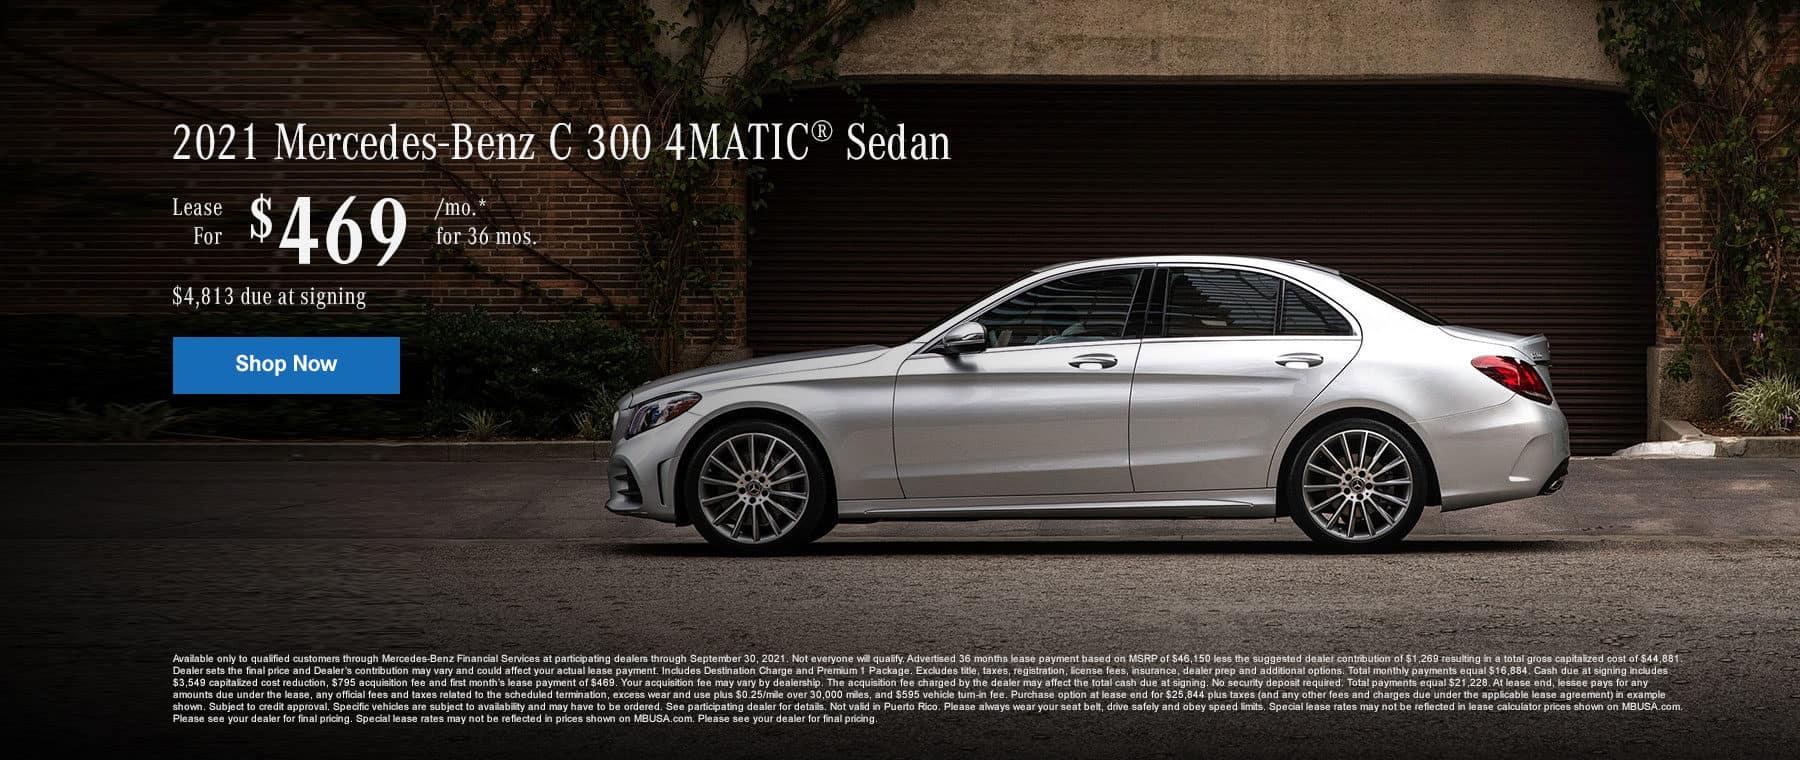 2021 Mercedes-Benz C 300 4MATIC® Sedan